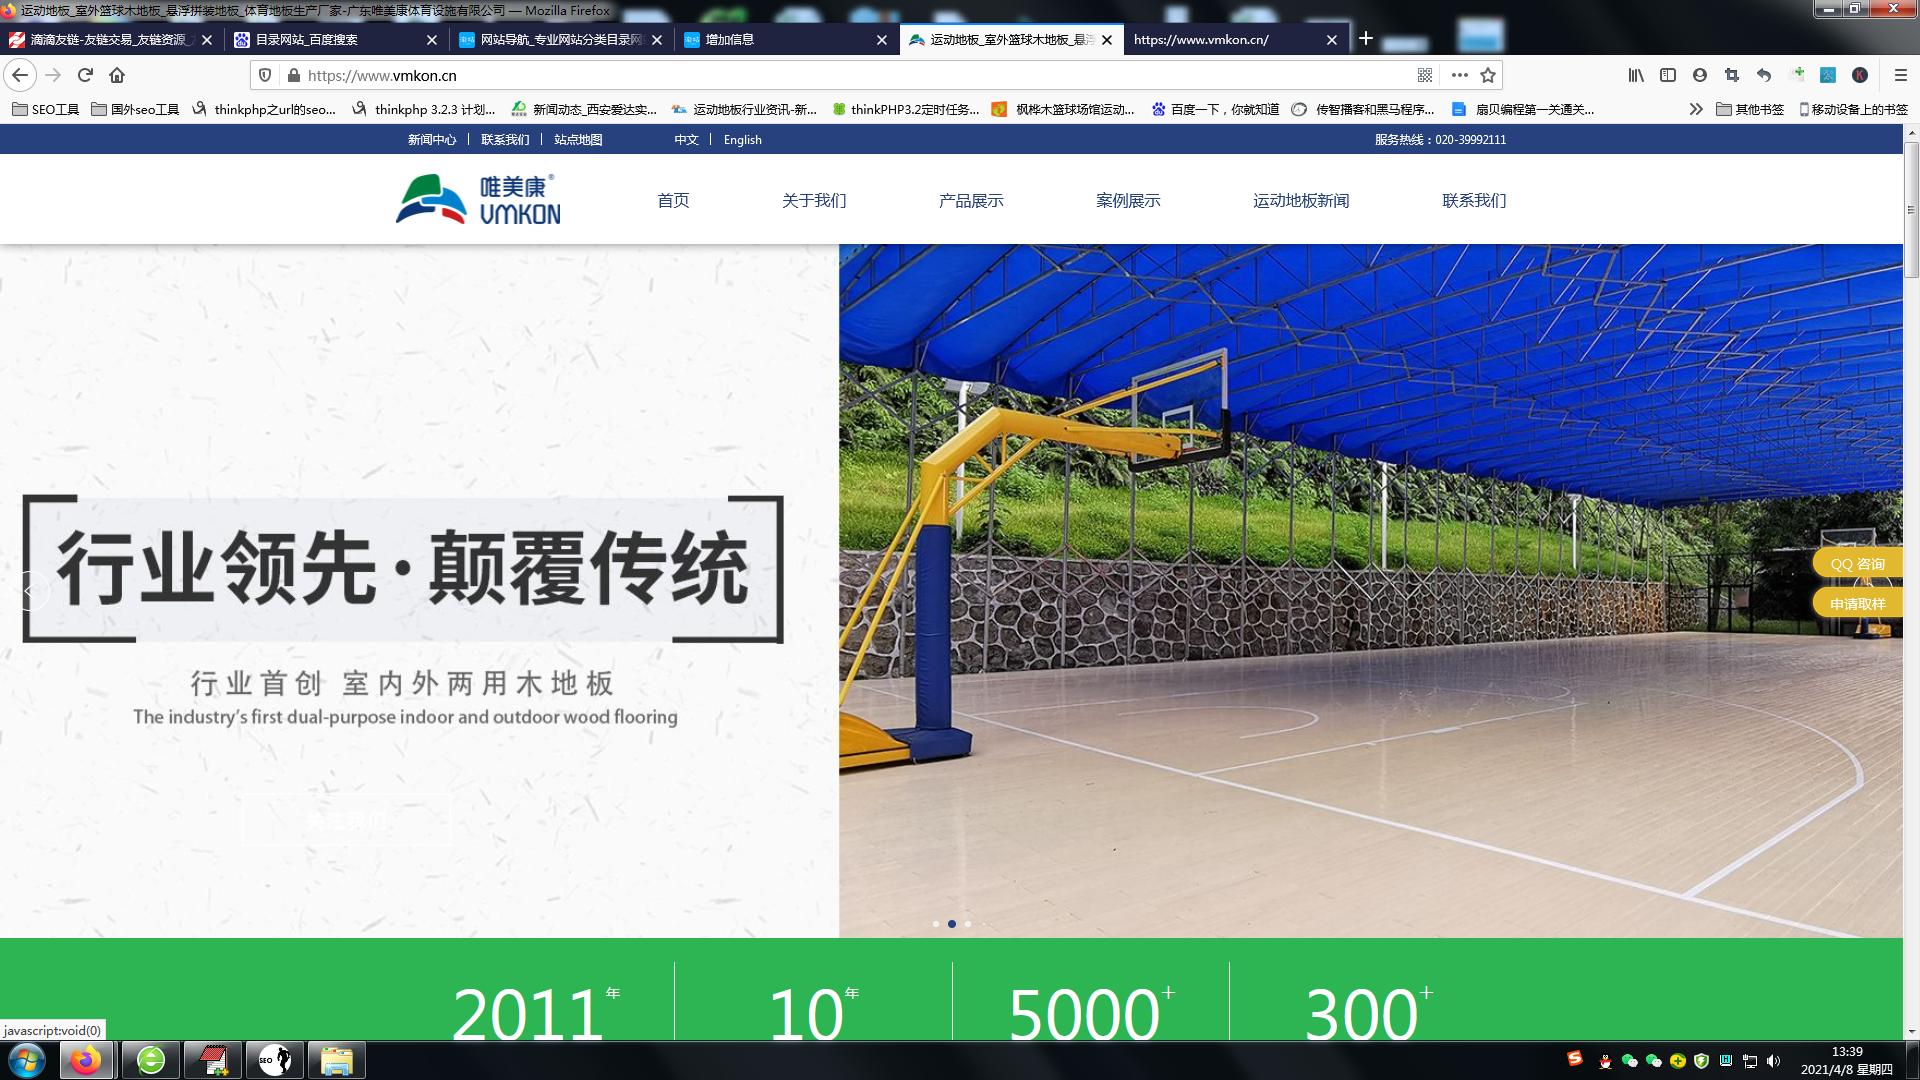 广东唯美康体育设施有限公司